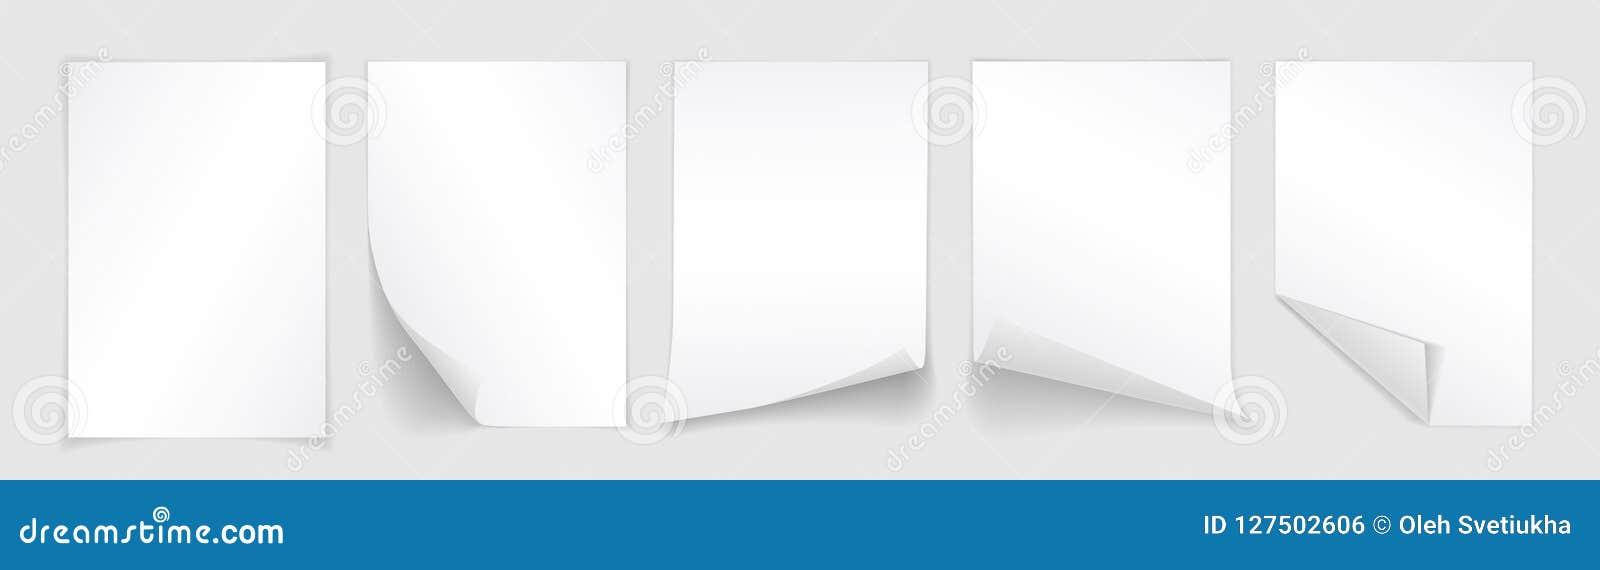 Tomt ark A4 av vitbok med det krullade hörnet och skugga, mall för din design Uppsättning också vektor för coreldrawillustration